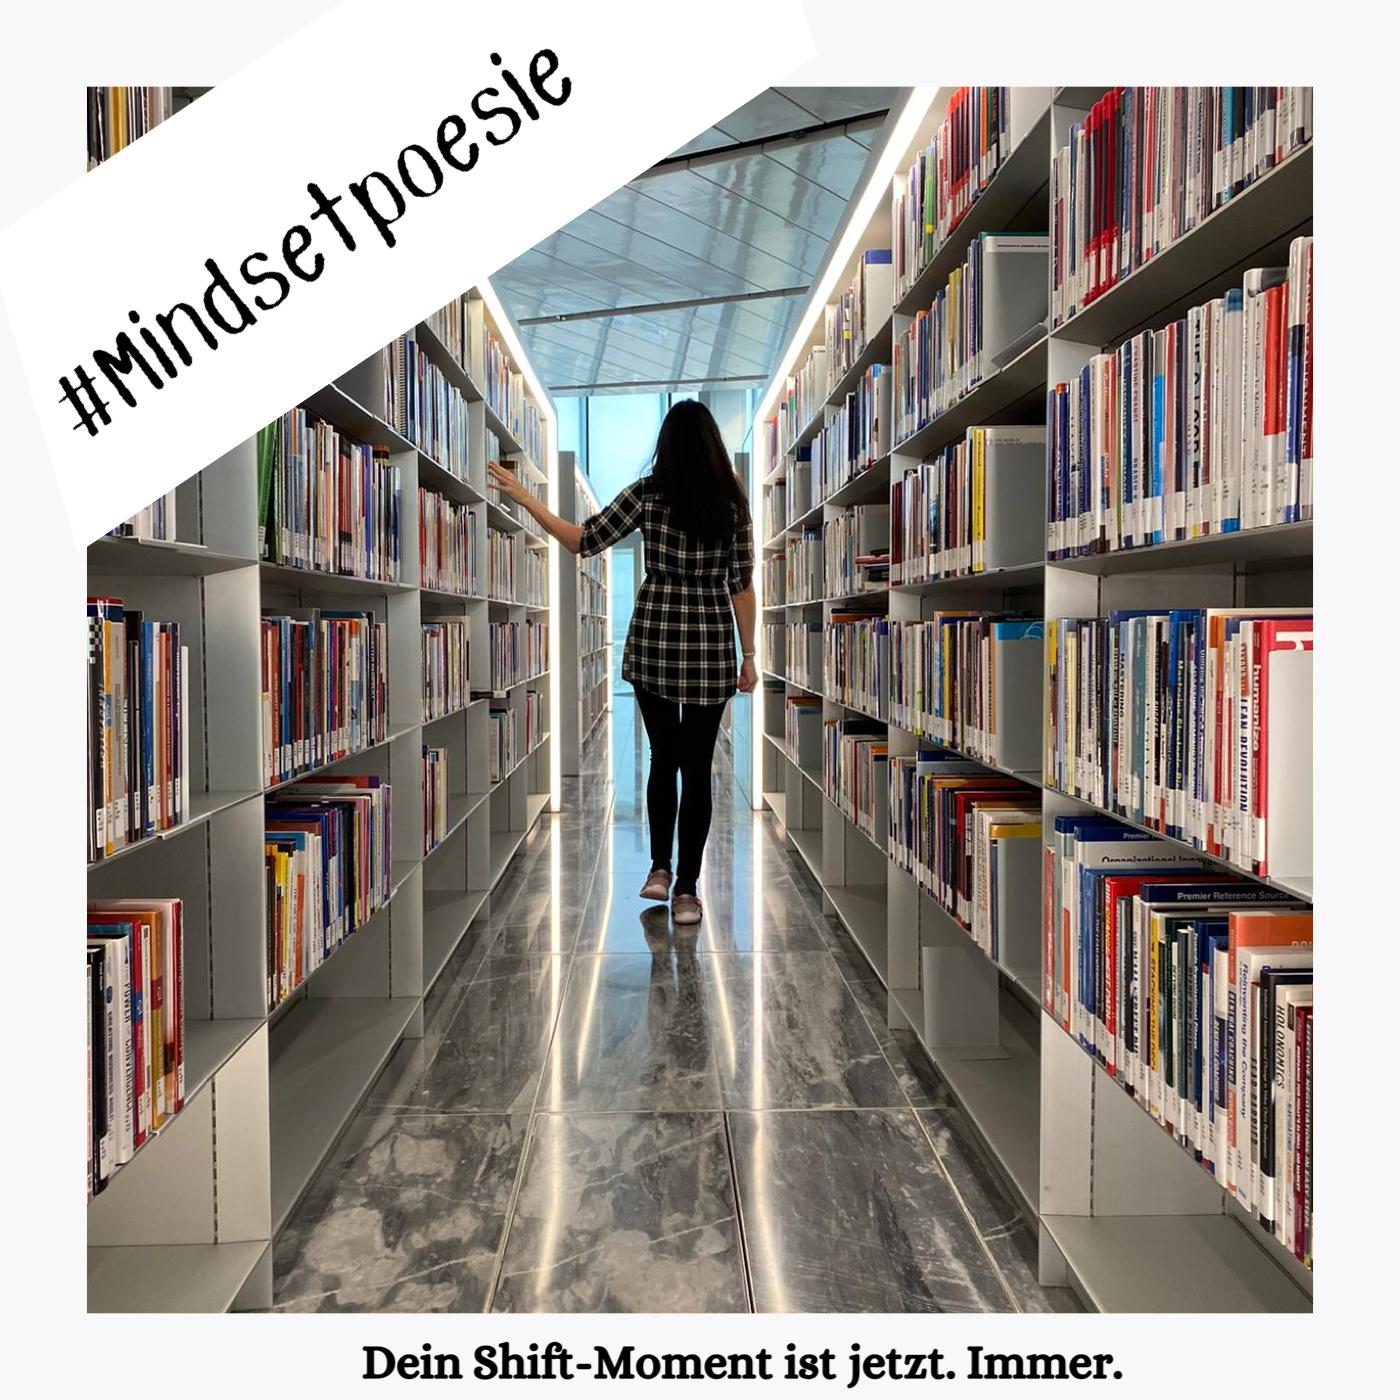 Carola Elisabeth Mindsetpoesie Bild Dein Shift-Moment ist jetzt. Immer. #Mindsetpoesie 1:2